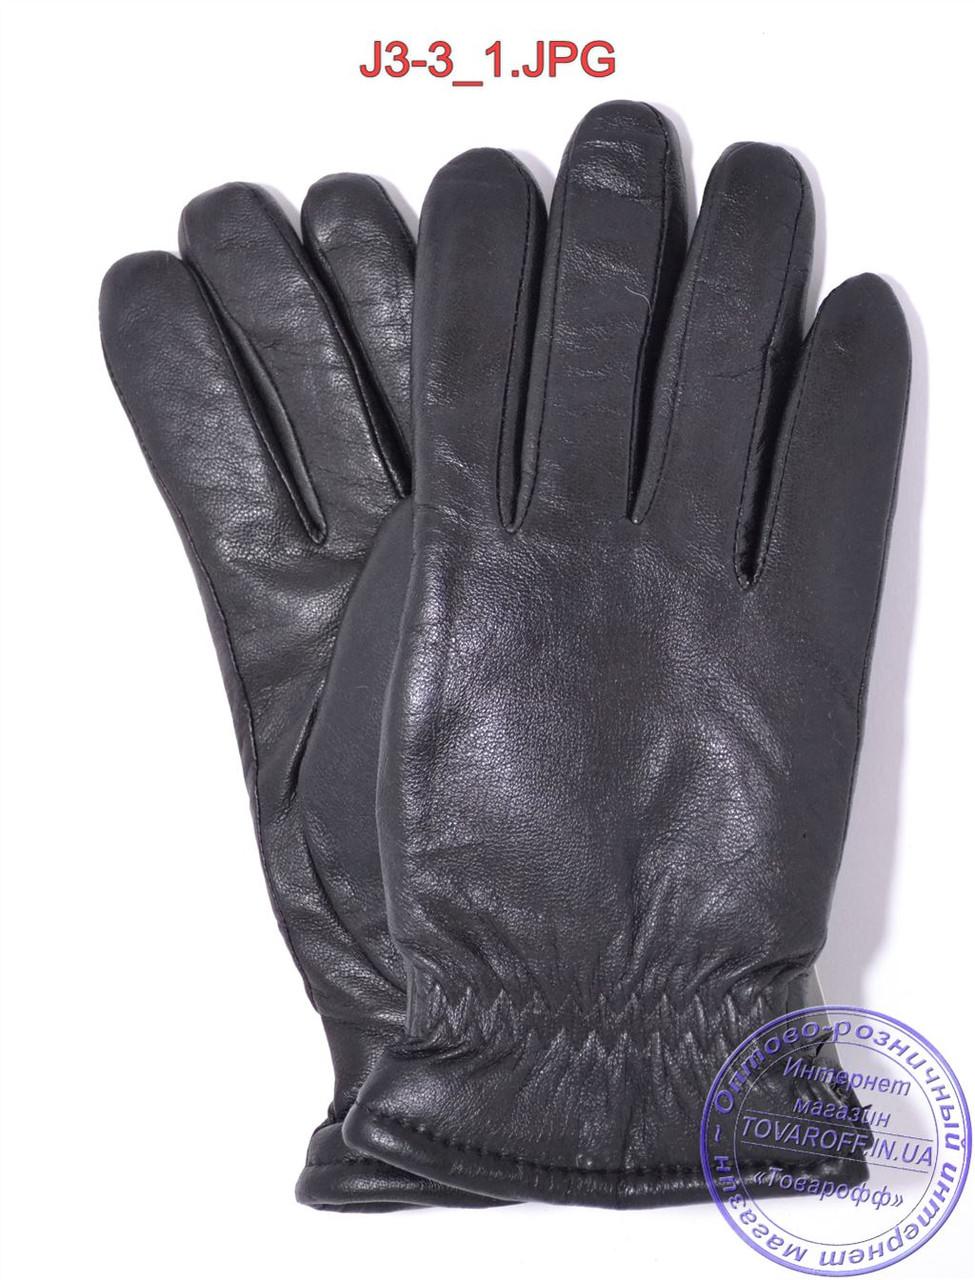 Подростковые кожаные перчатки с махровой подкладкой - №J3-3